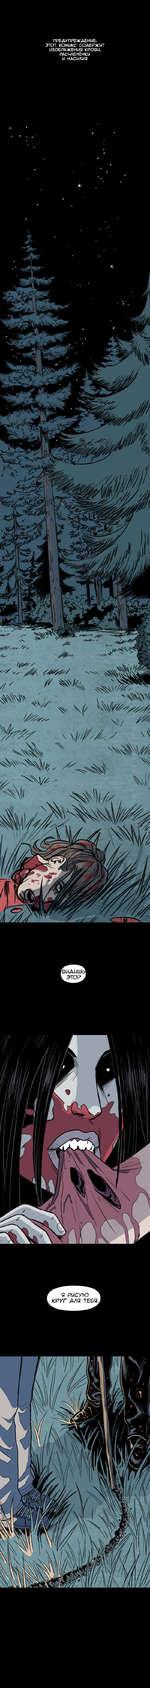 предупреждение.-этот комикс содержит изоврАженид кроеи, рАсчленёнки и ндсилид WVNA  - видишь , ЭТО? i Я рисую КРУГ АЛЯ ТЕБЯ # т Ж / ' в ж 1 /уу/ущ7Ï1